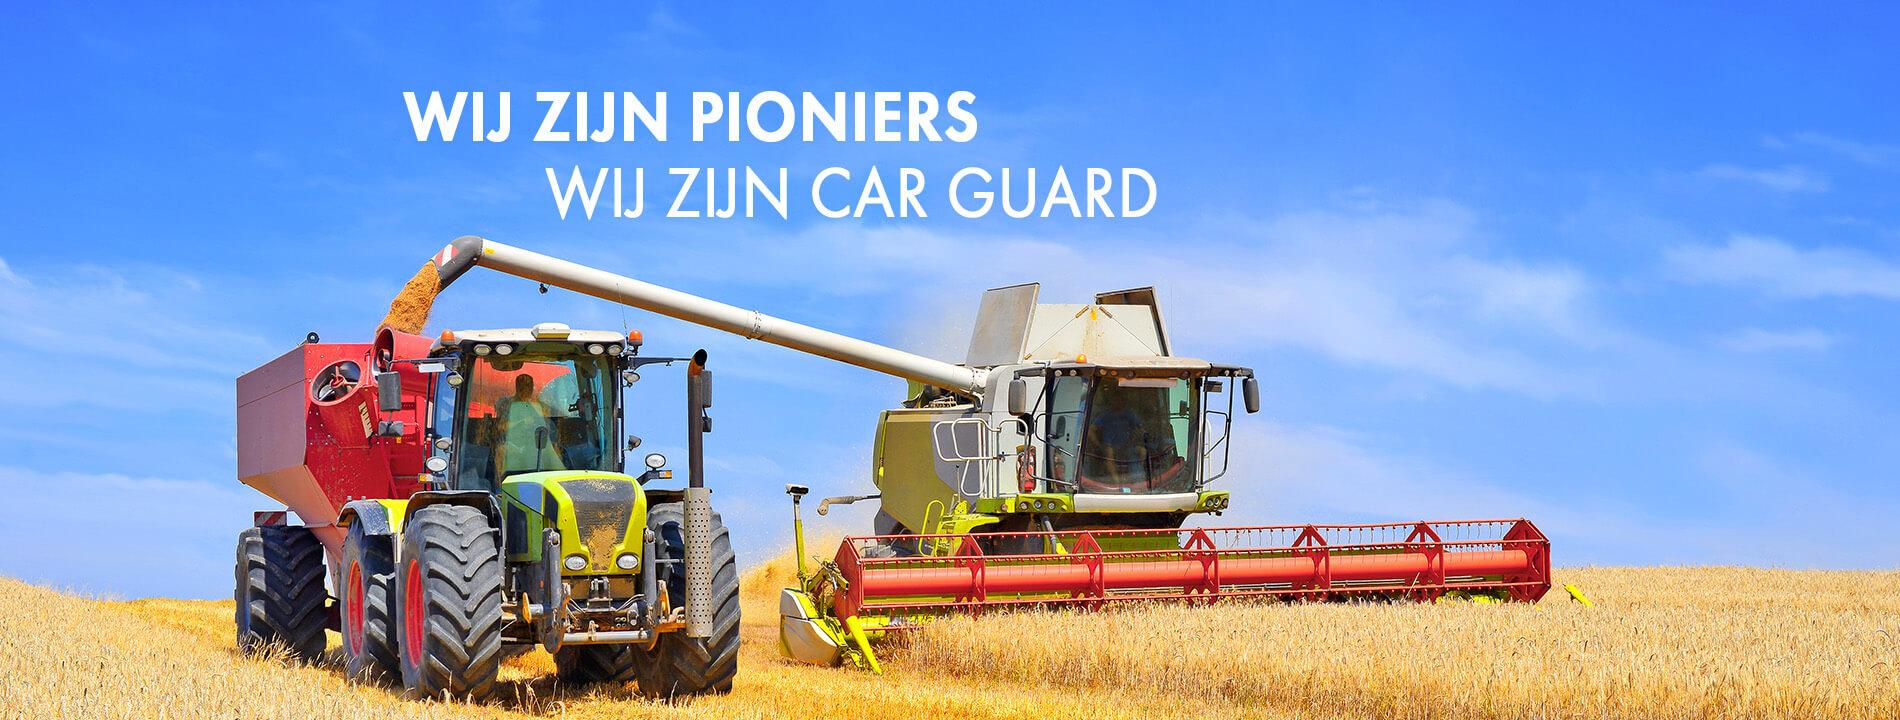 Wij zijn pioniers - Wij zijn Car Guard